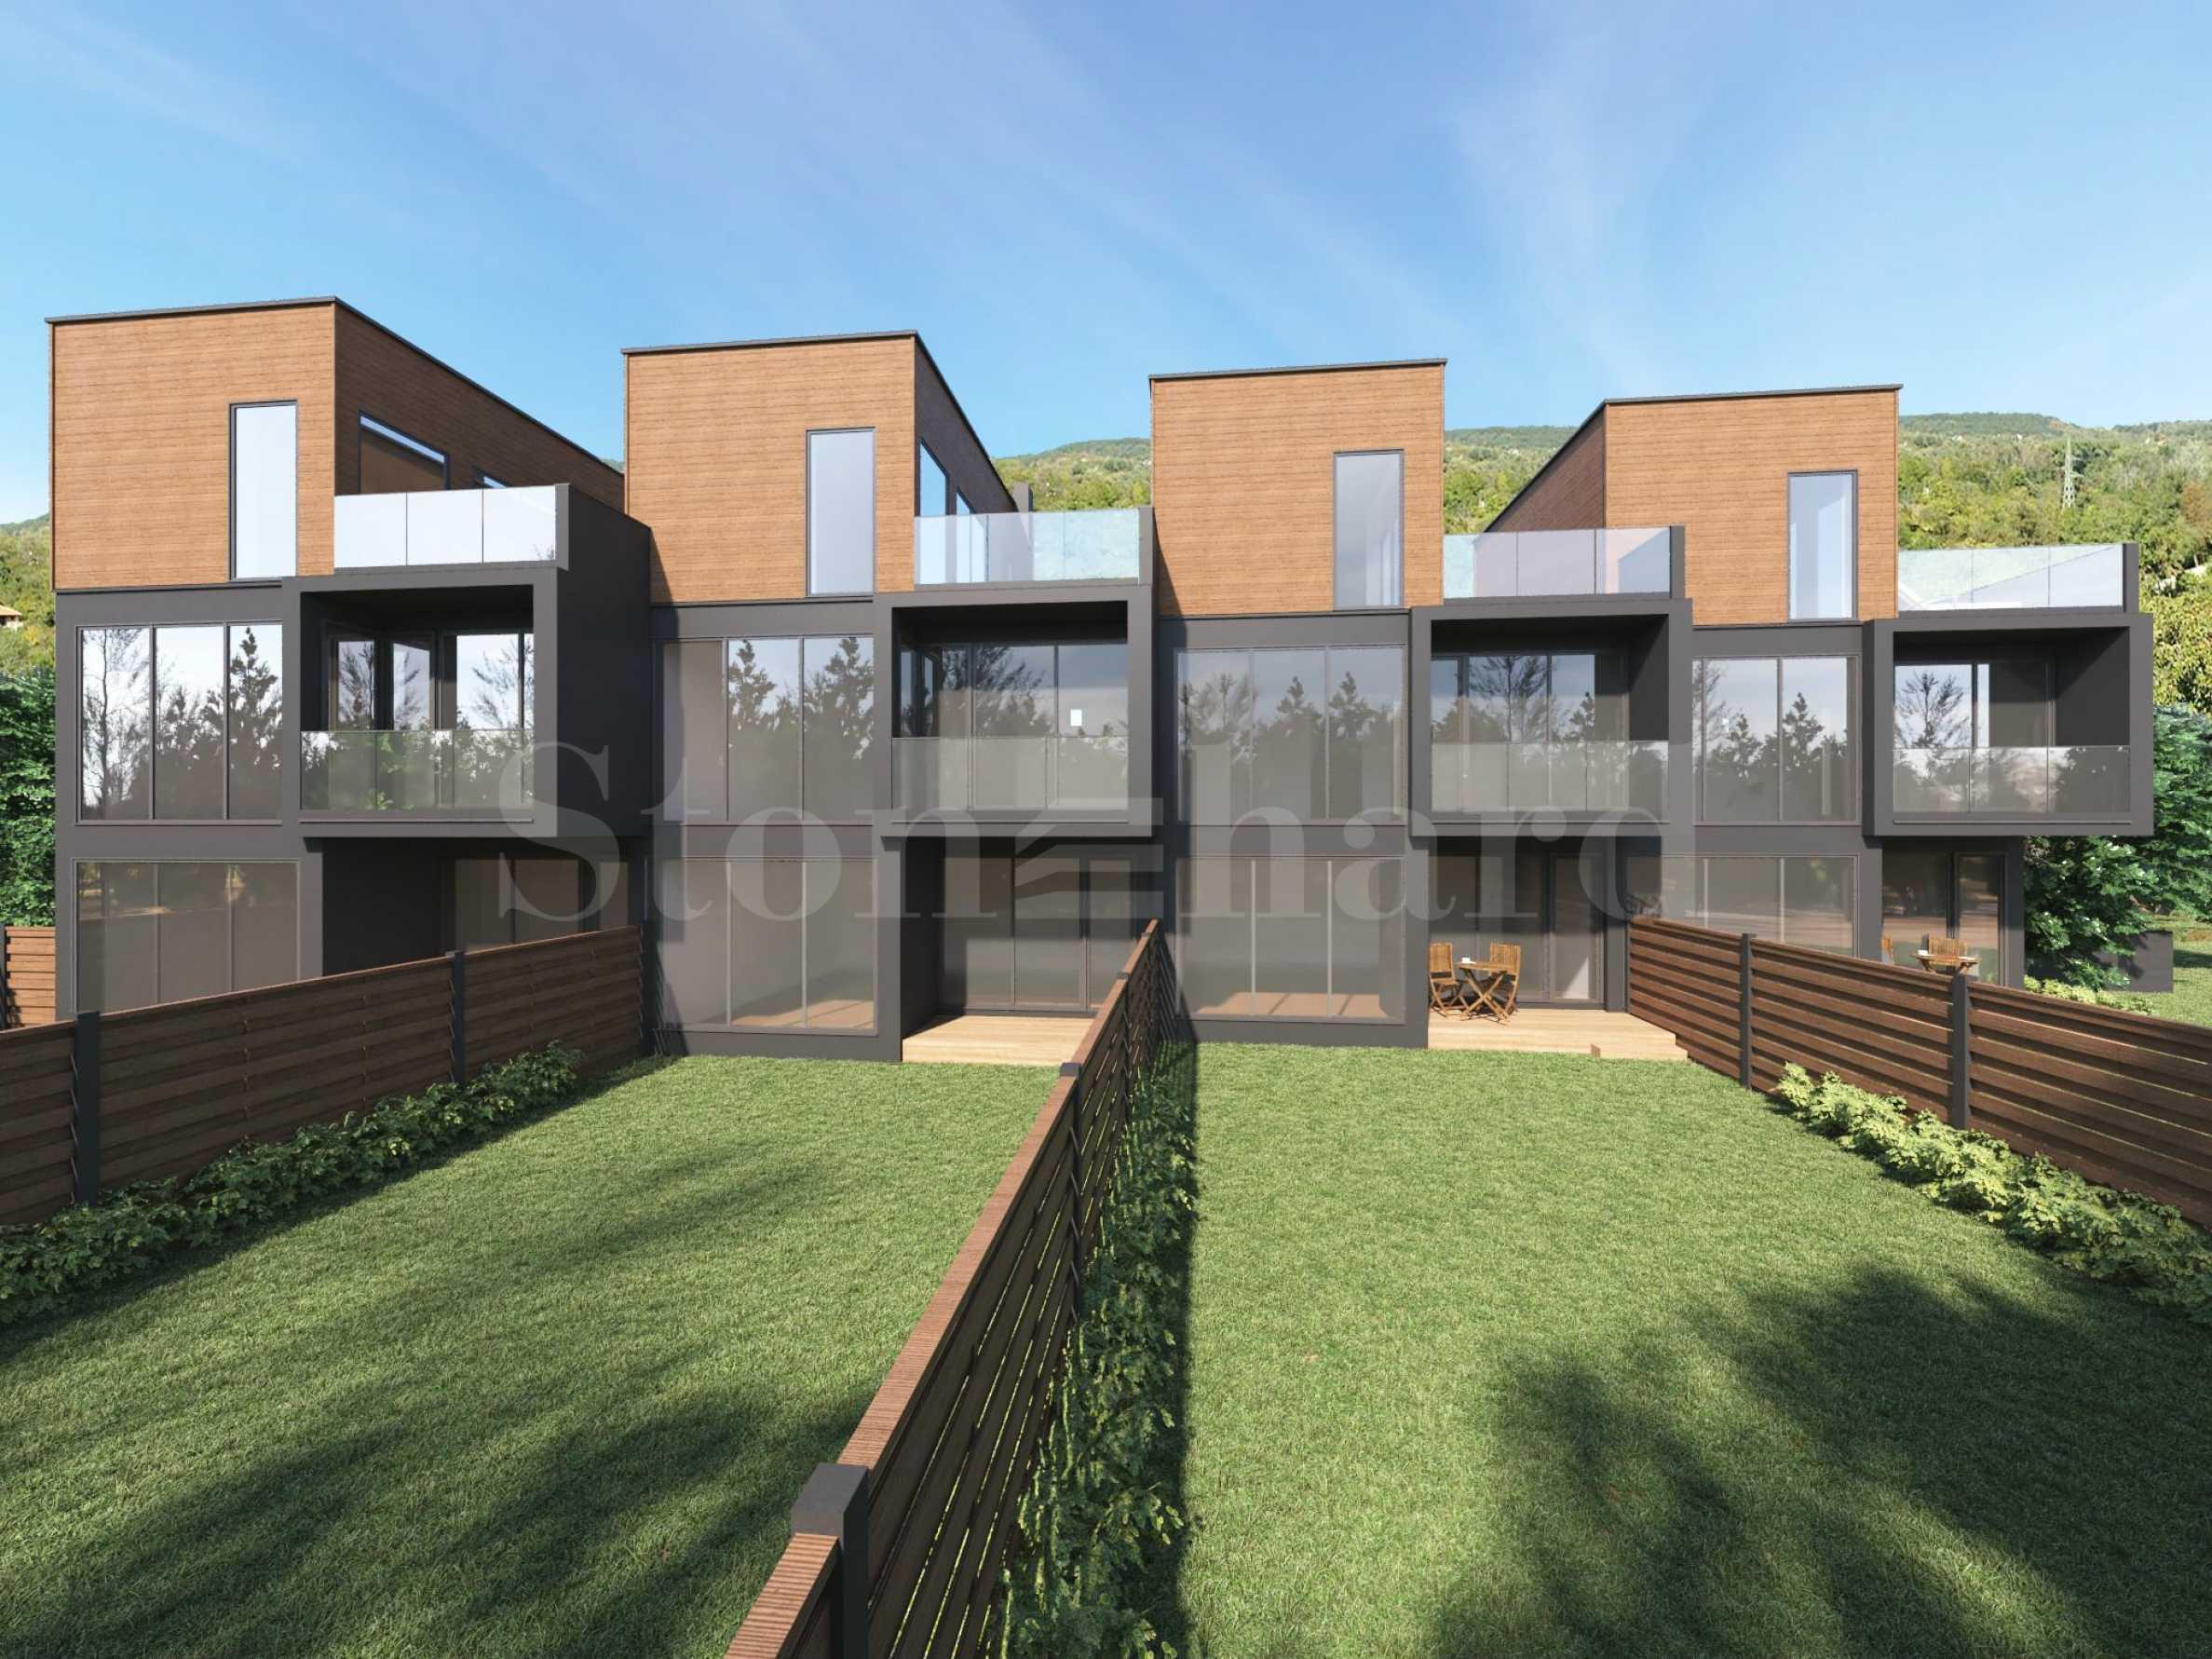 Къща на три етажа с три спални и панорамна тераса1 - Stonehard